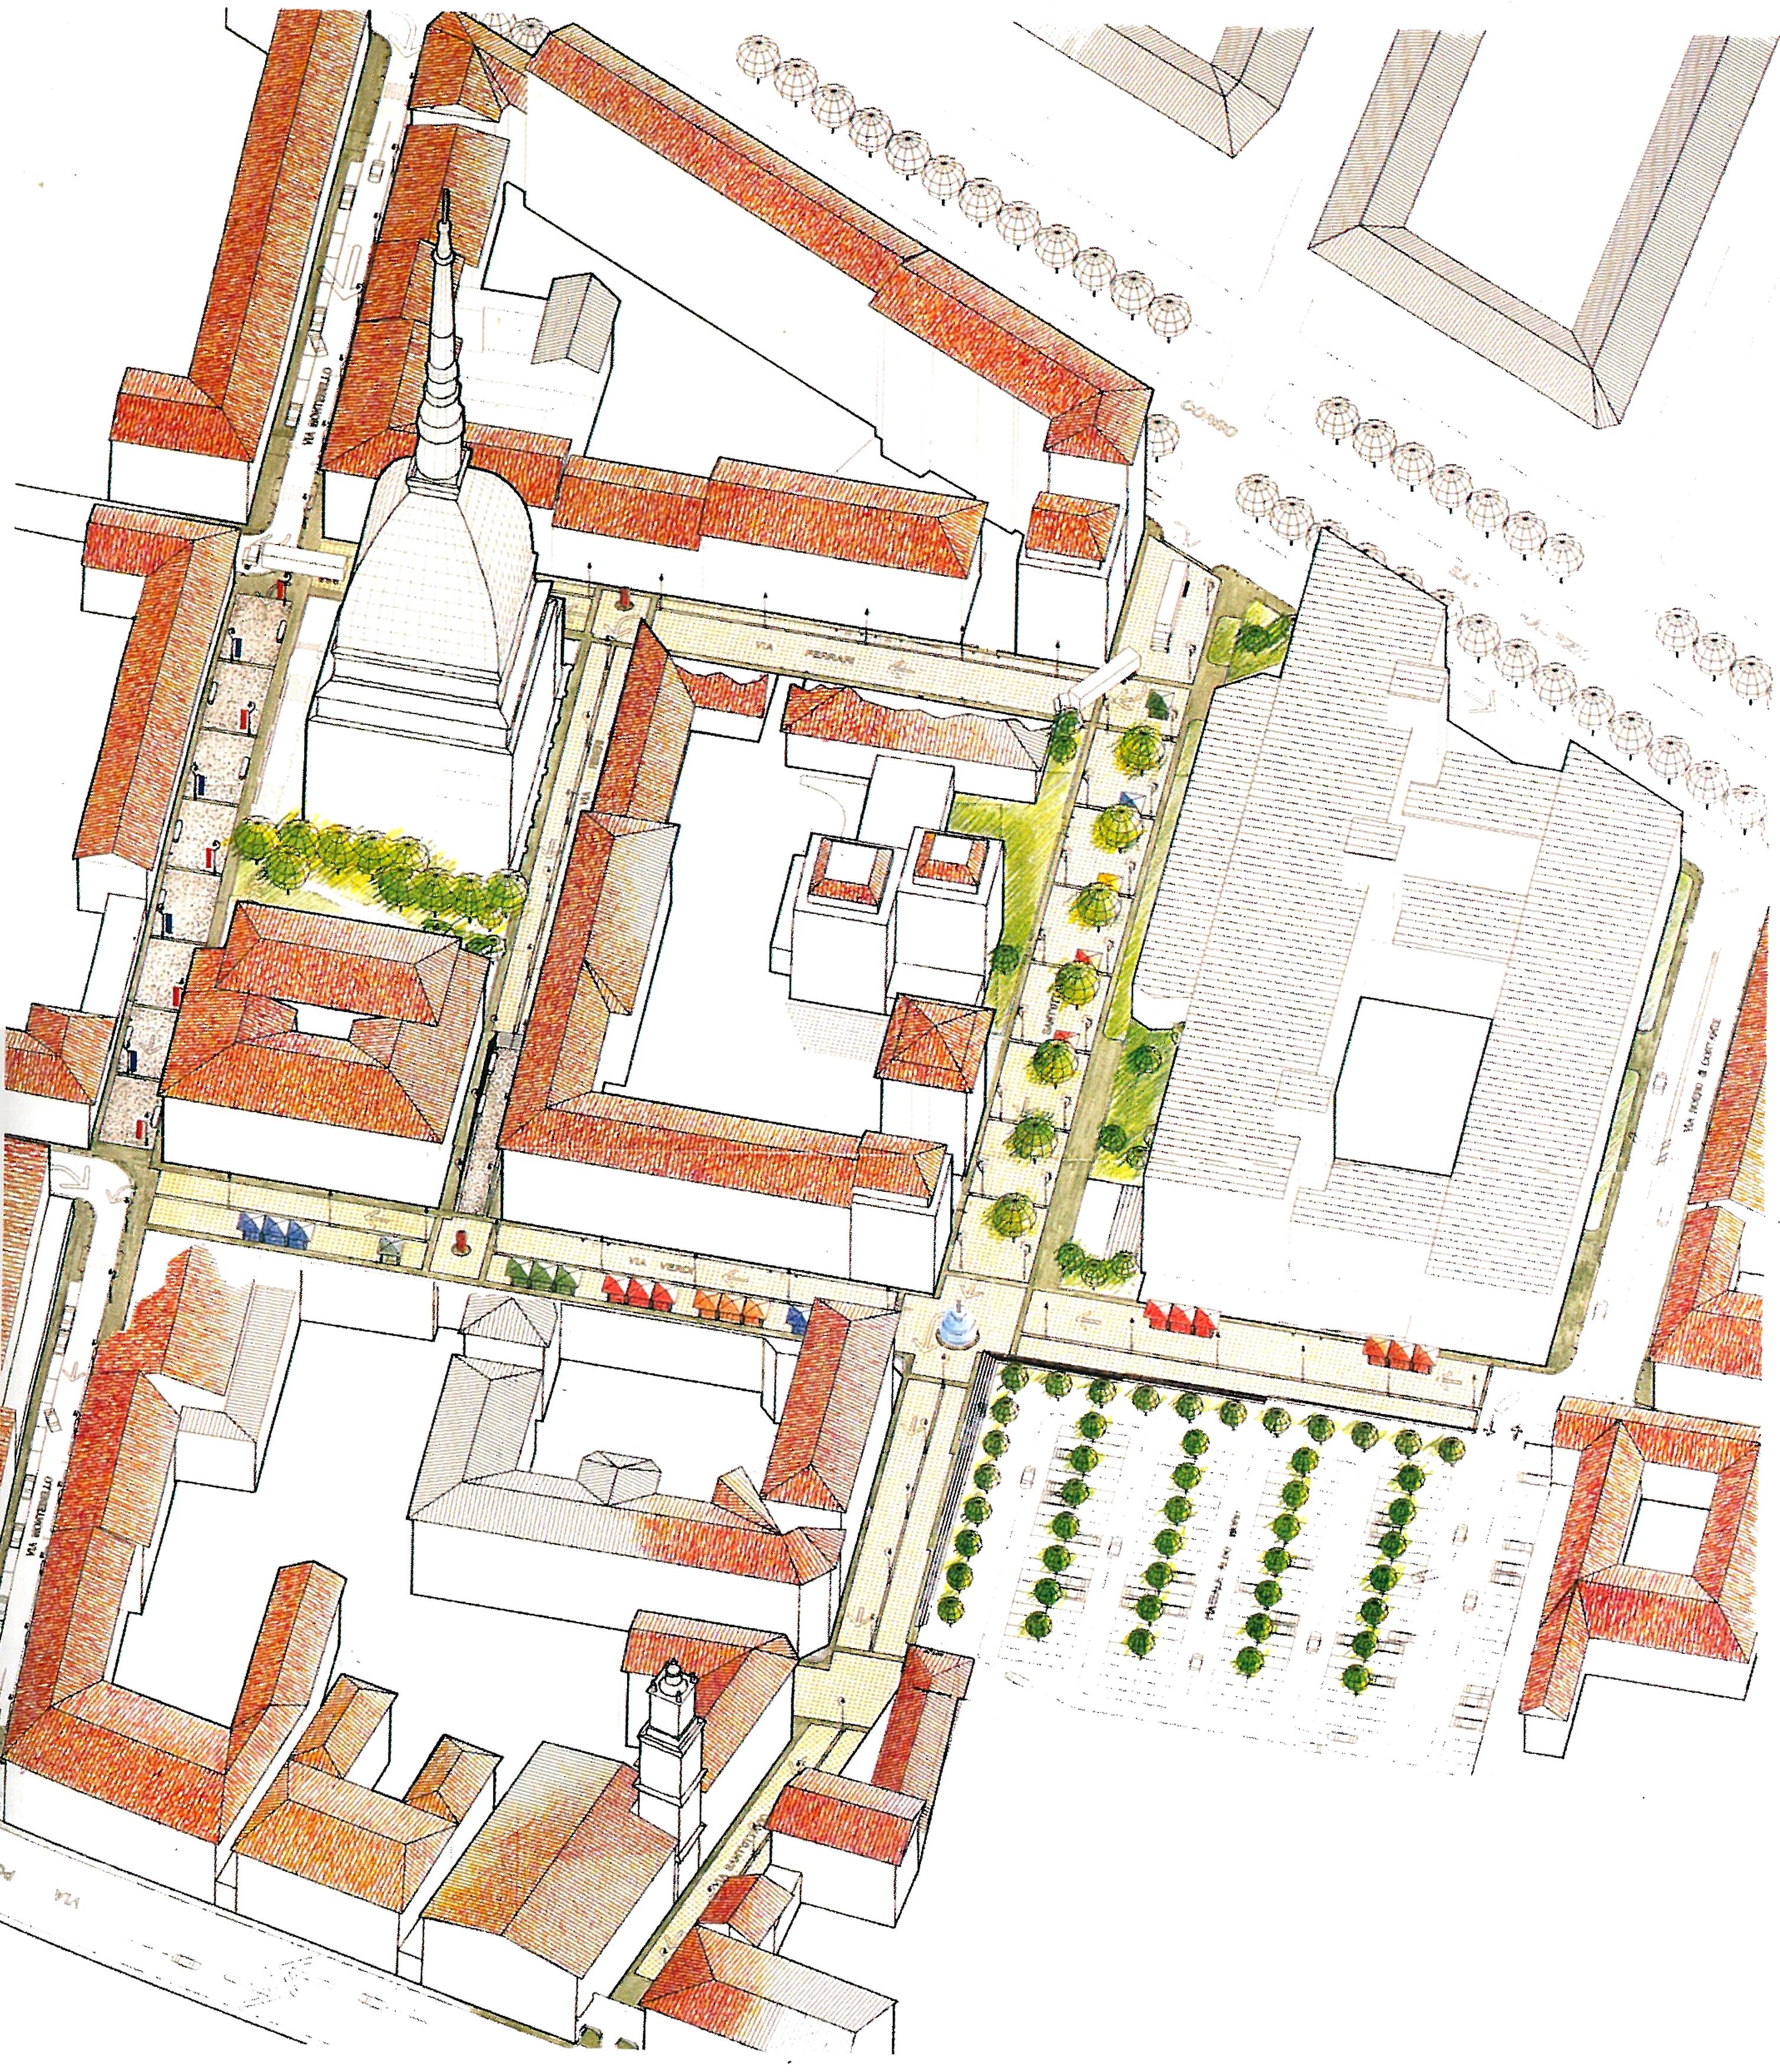 Progetto Area Mole Antonelliana